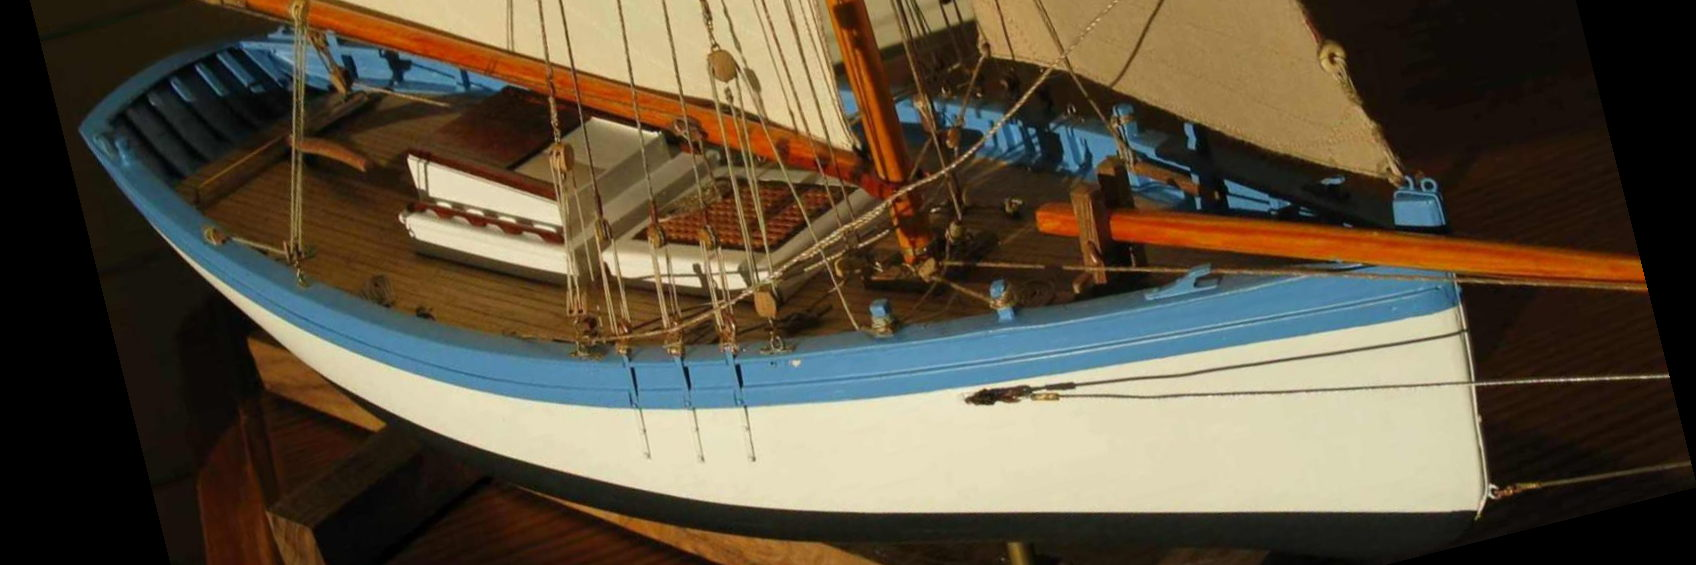 Maquette de bateau Sloop ostréicole du Perthuis Bateau de pêche ancien à voile